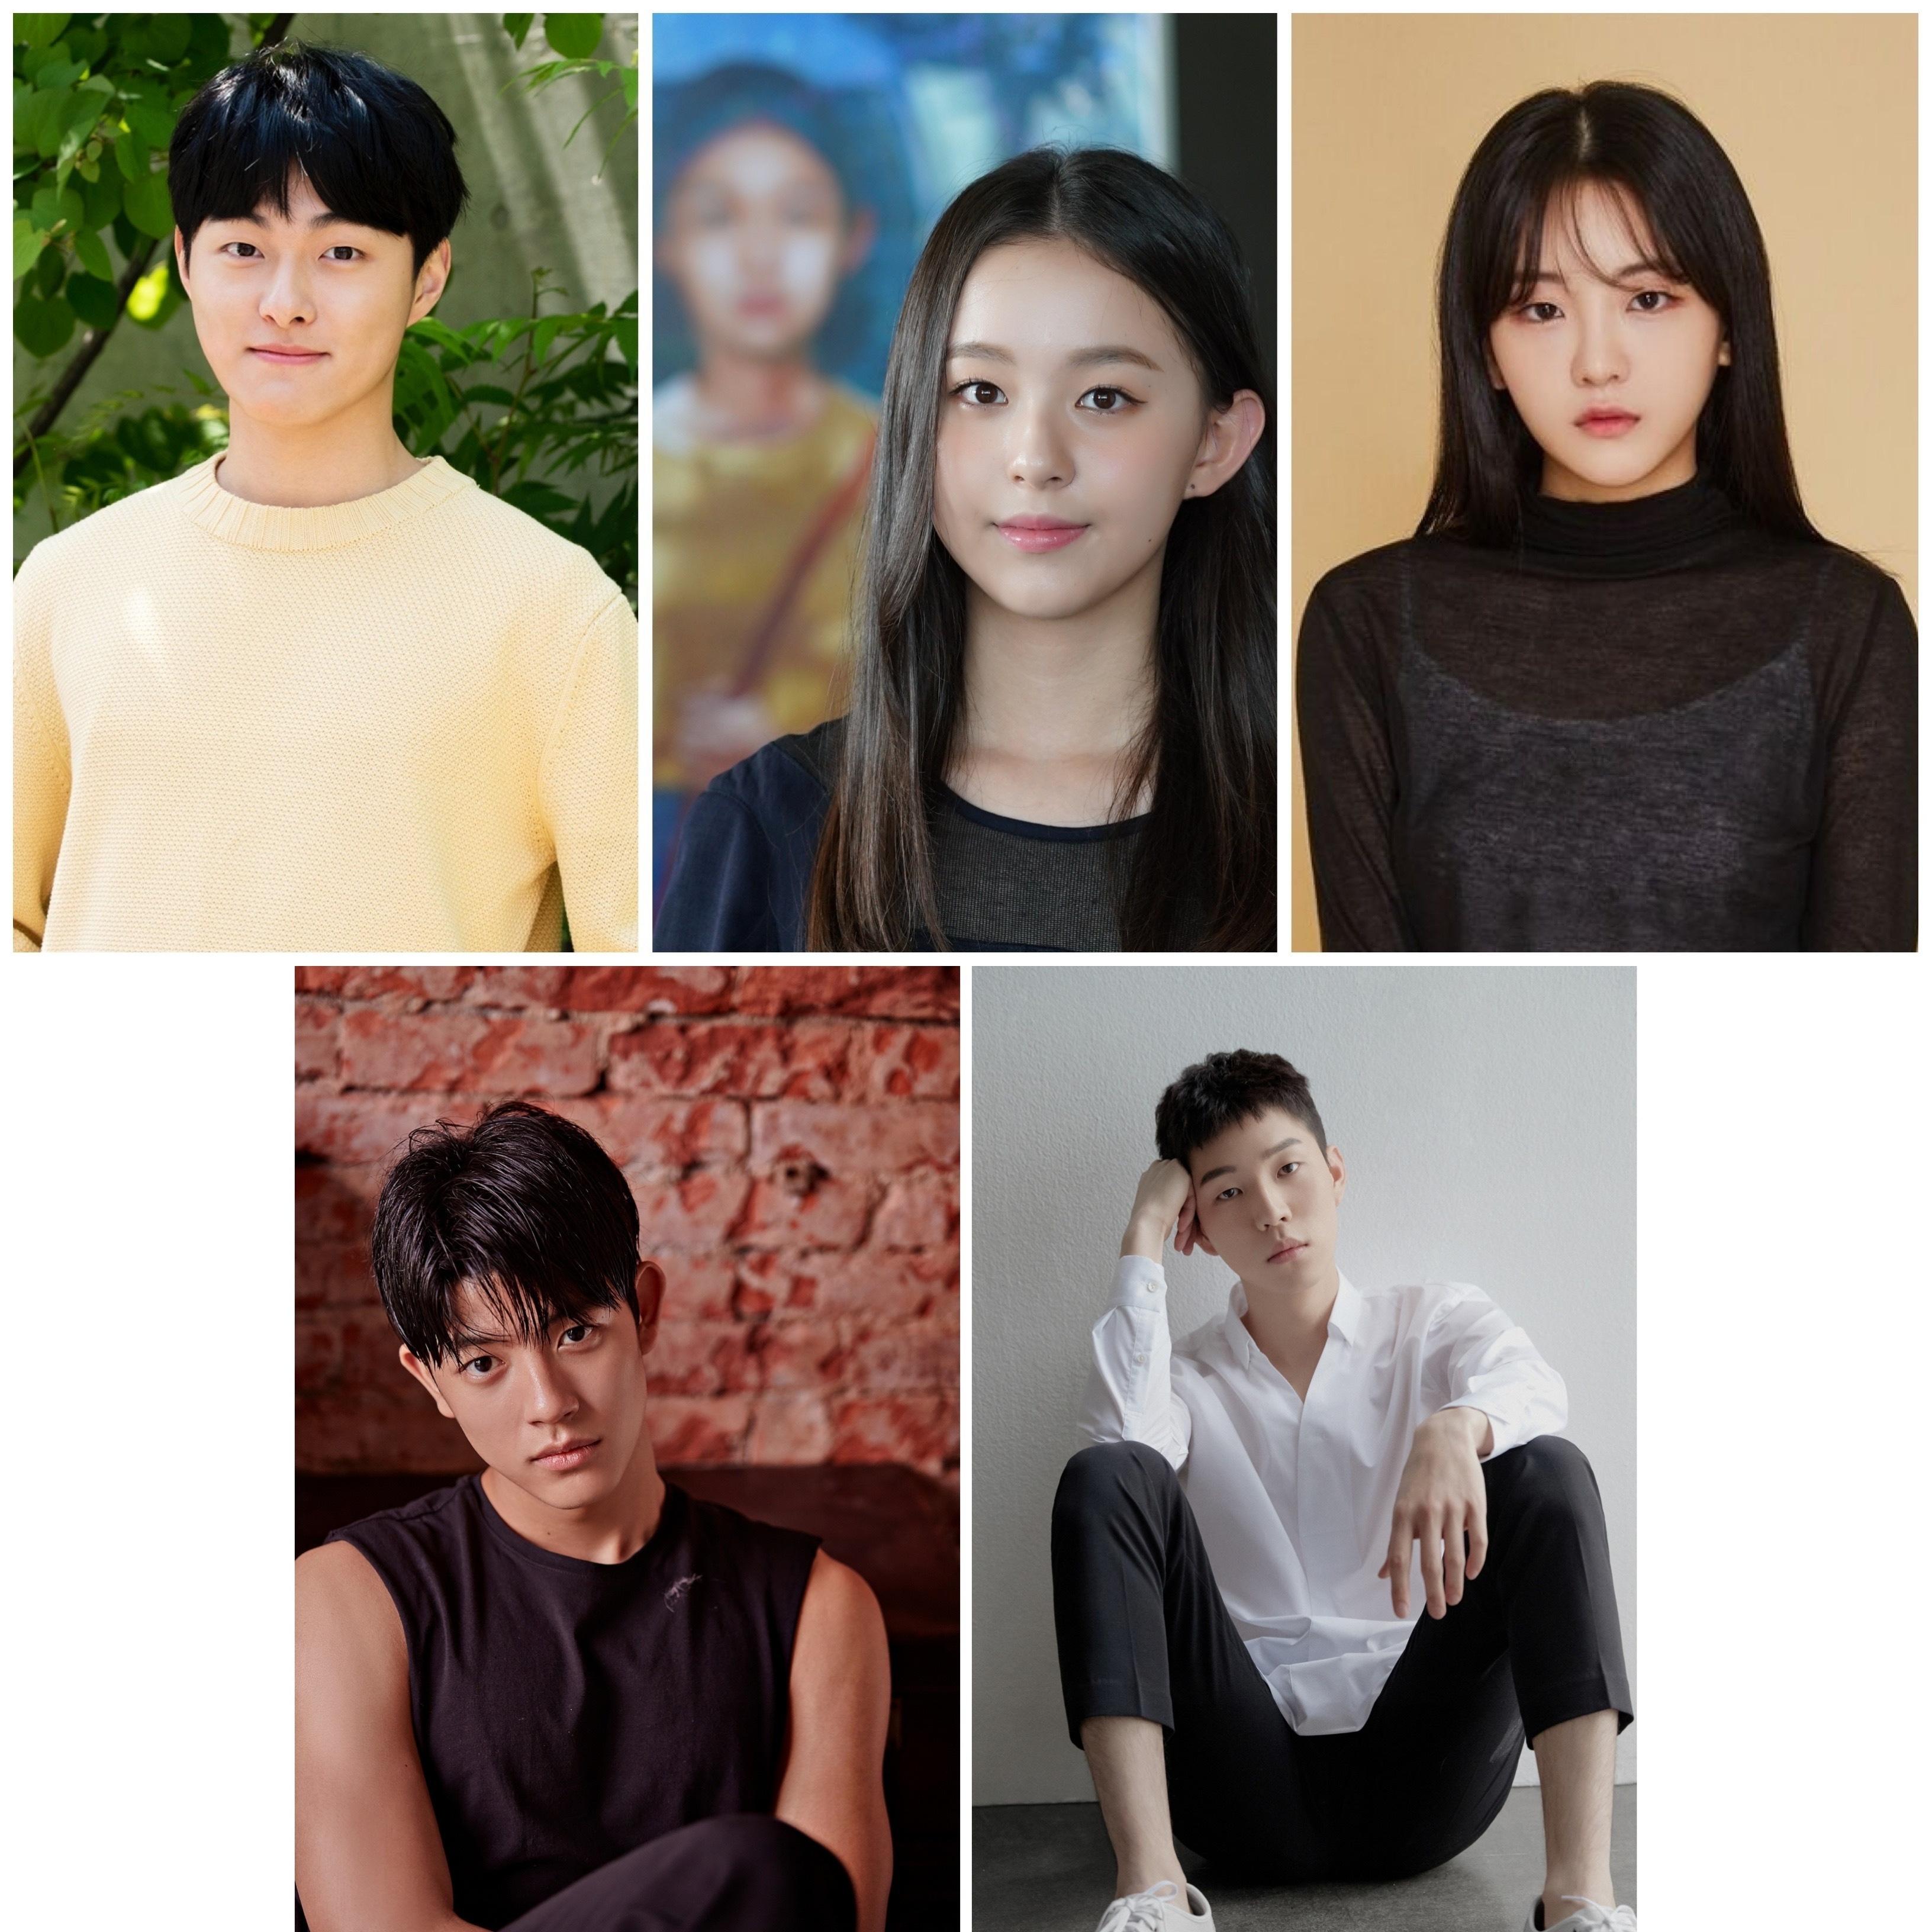 《甜蜜家园》大受欢迎! 2021年这4部漫改韩剧要播出,赶快关注起来吧!插图4